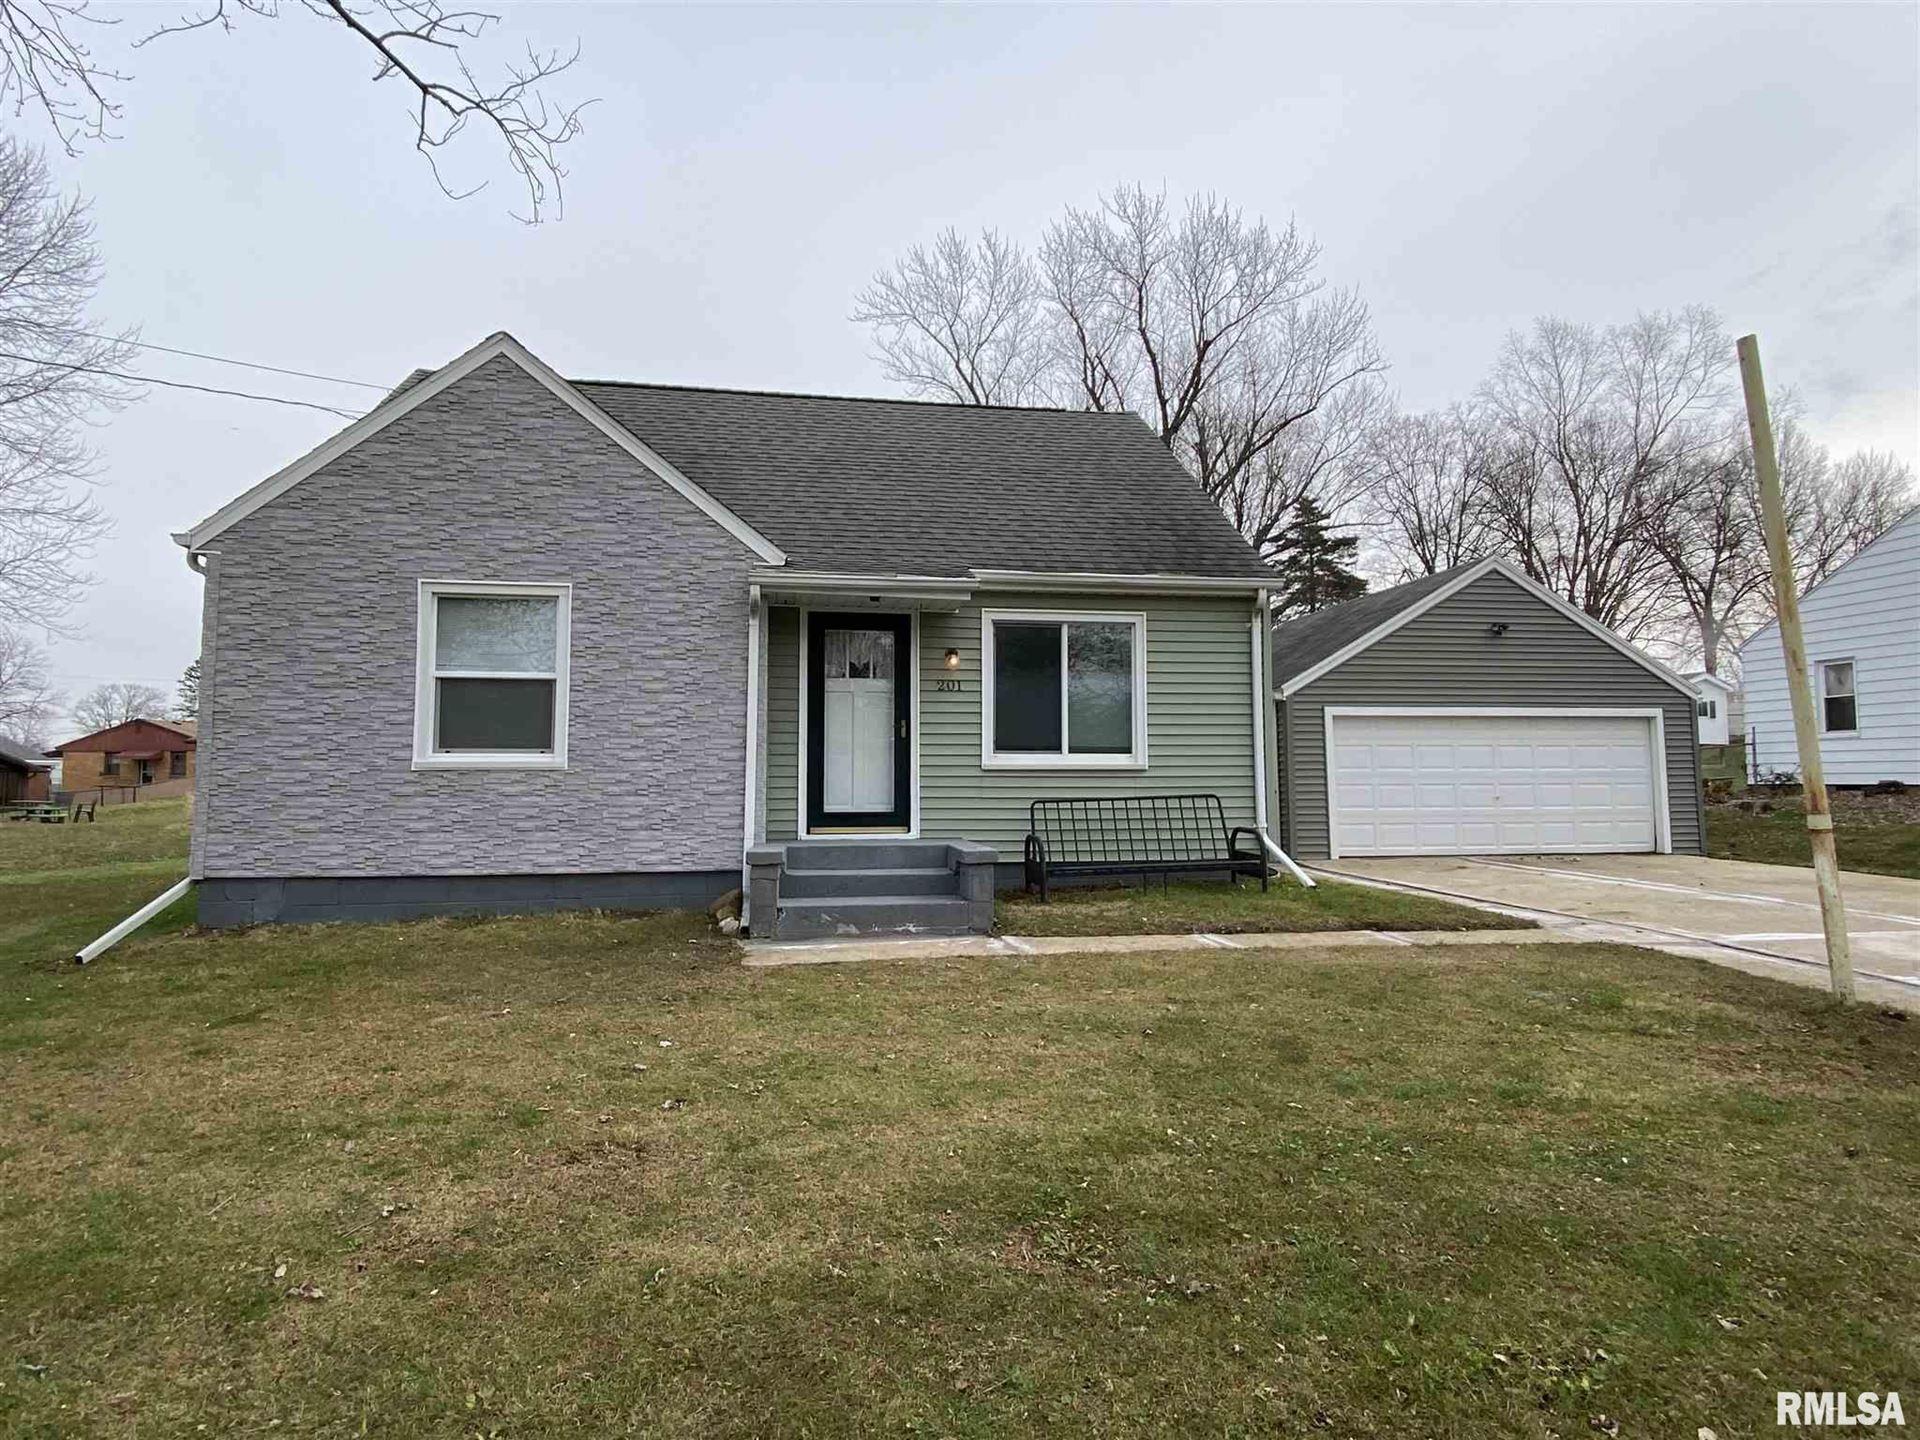 201 LINDEN Avenue, Germantown Hills, IL 61548 - #: PA1221231